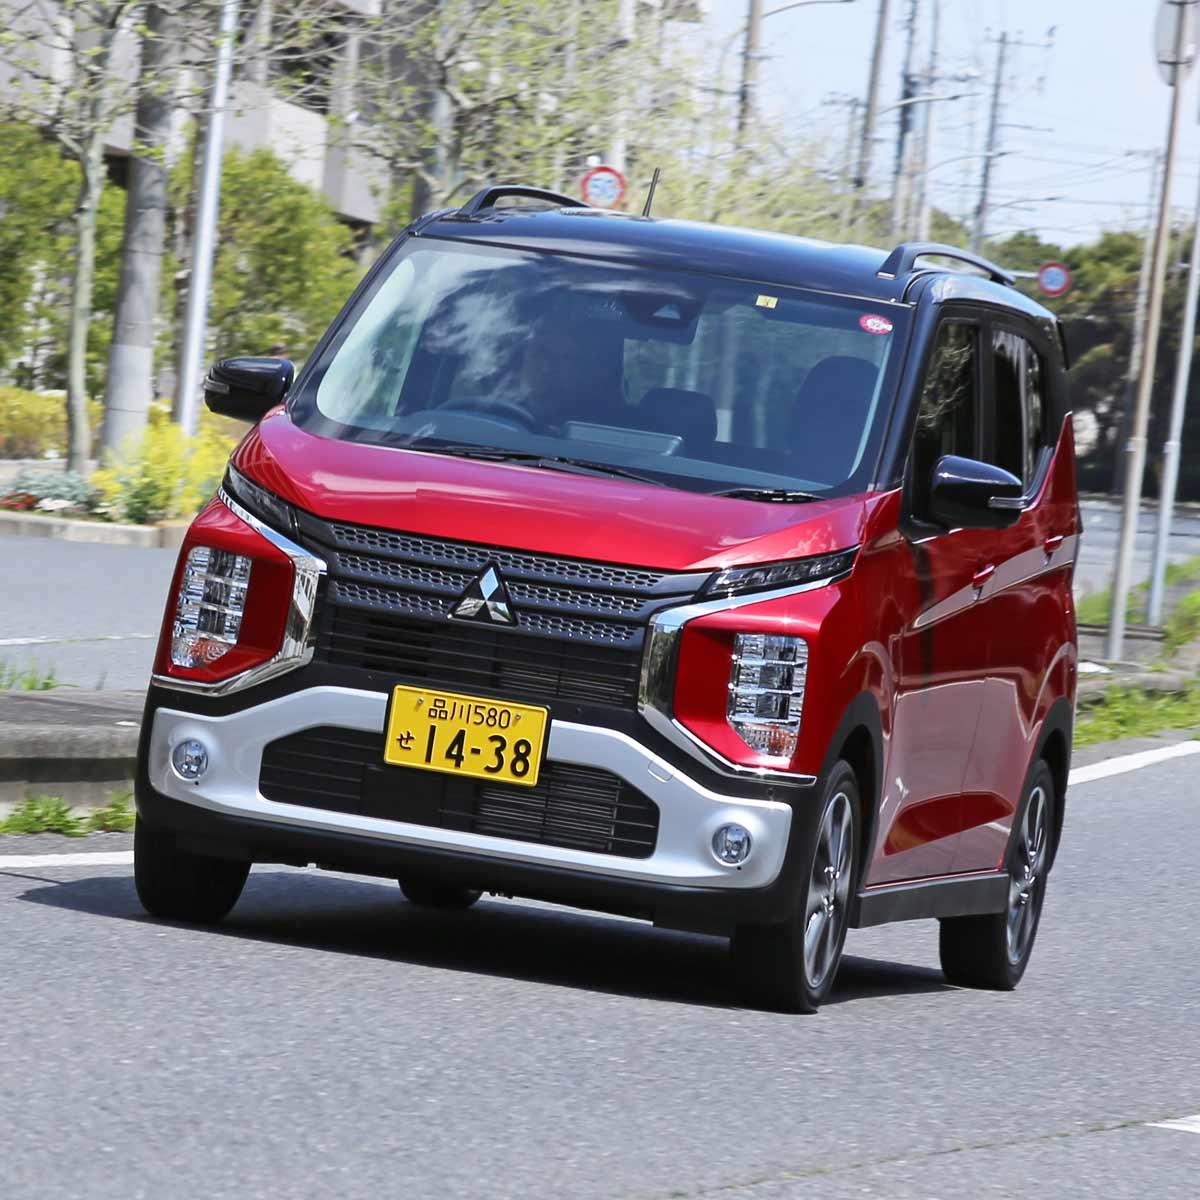 三菱 新型「eKワゴン」「eKクロス」試乗/ファーストカーになり得る実力を身につけた